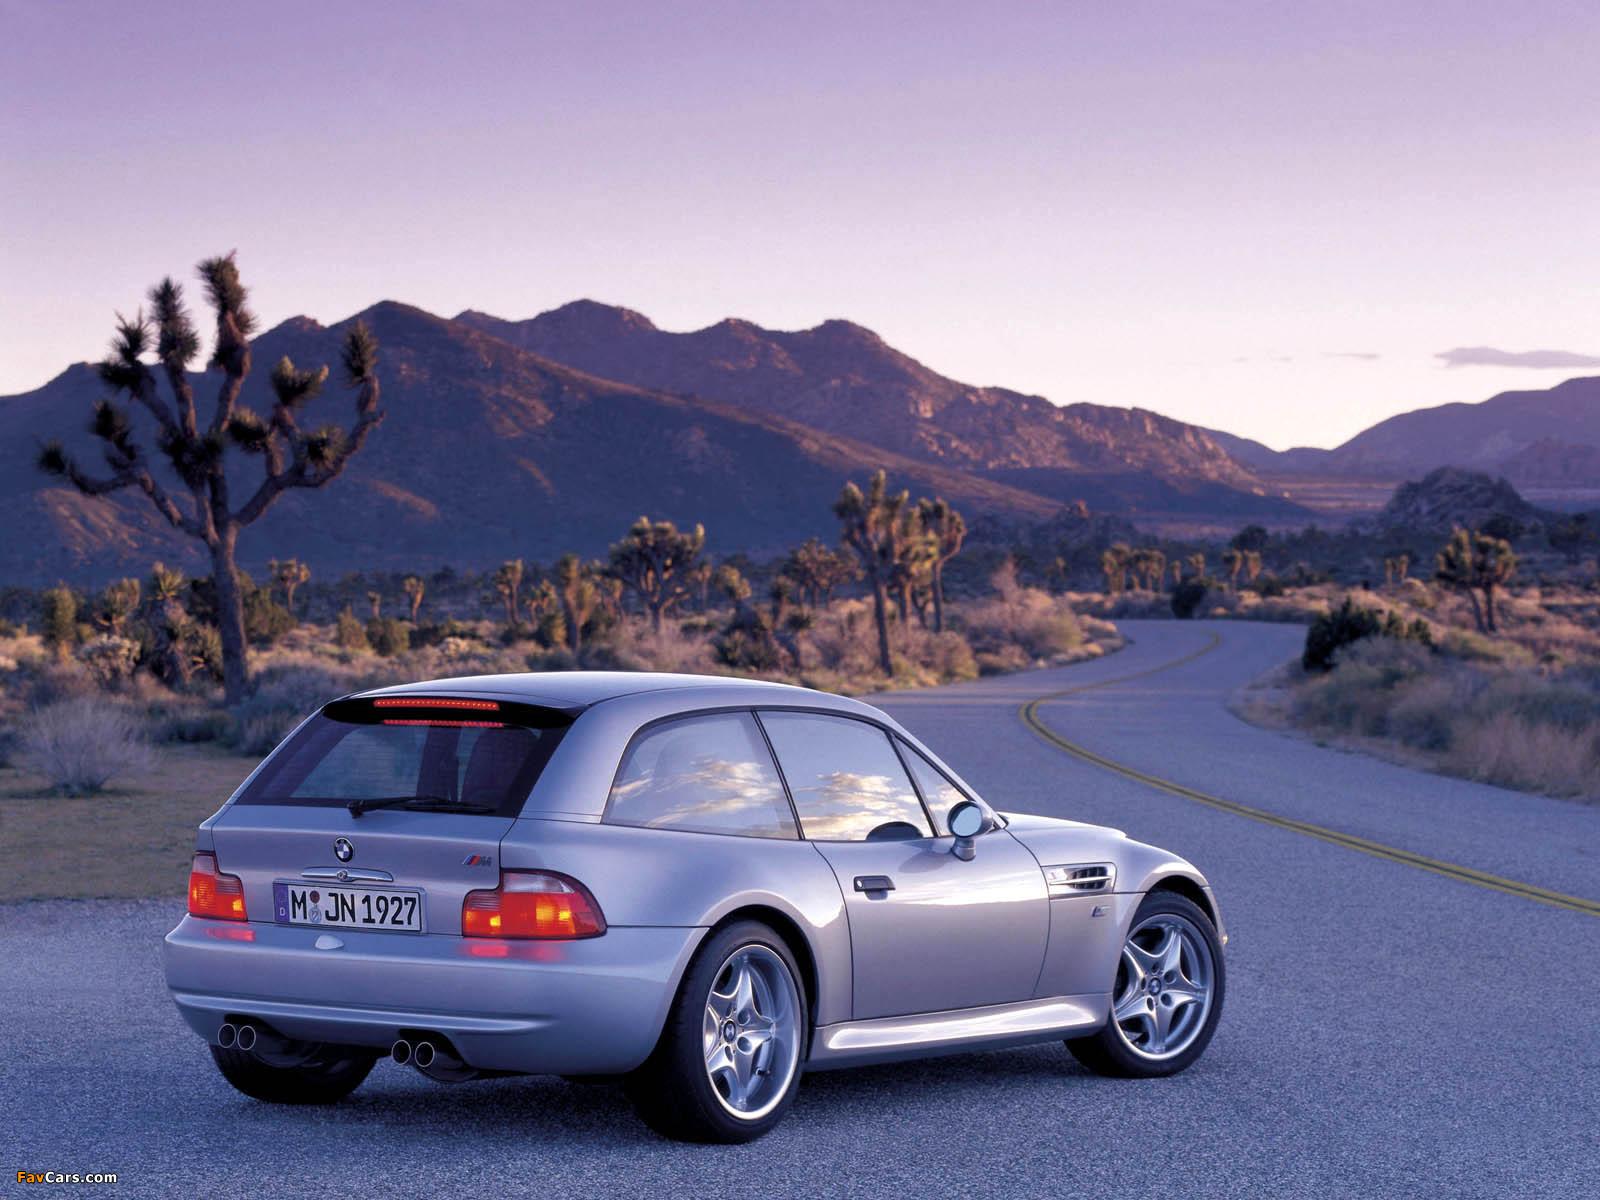 BMW Z3 M Coupe (E36/8) 1998-2002 images (1600x1200)